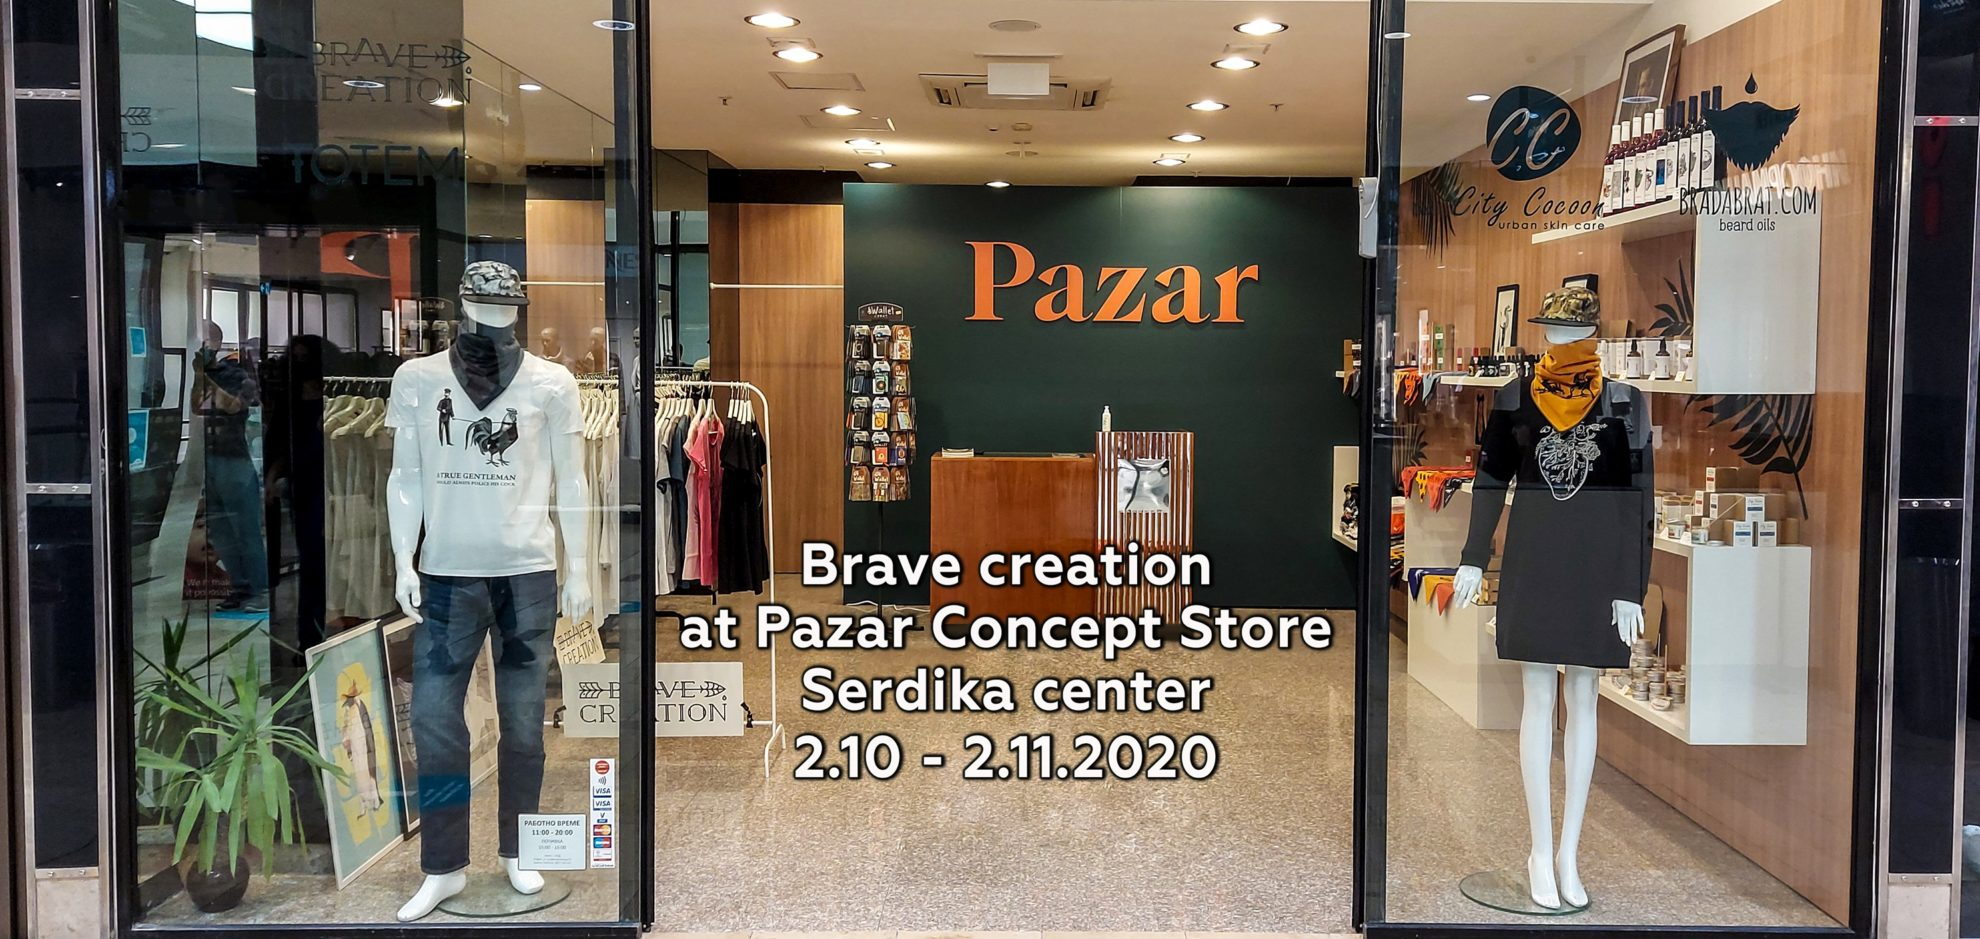 Pazar Concept store Serdika center